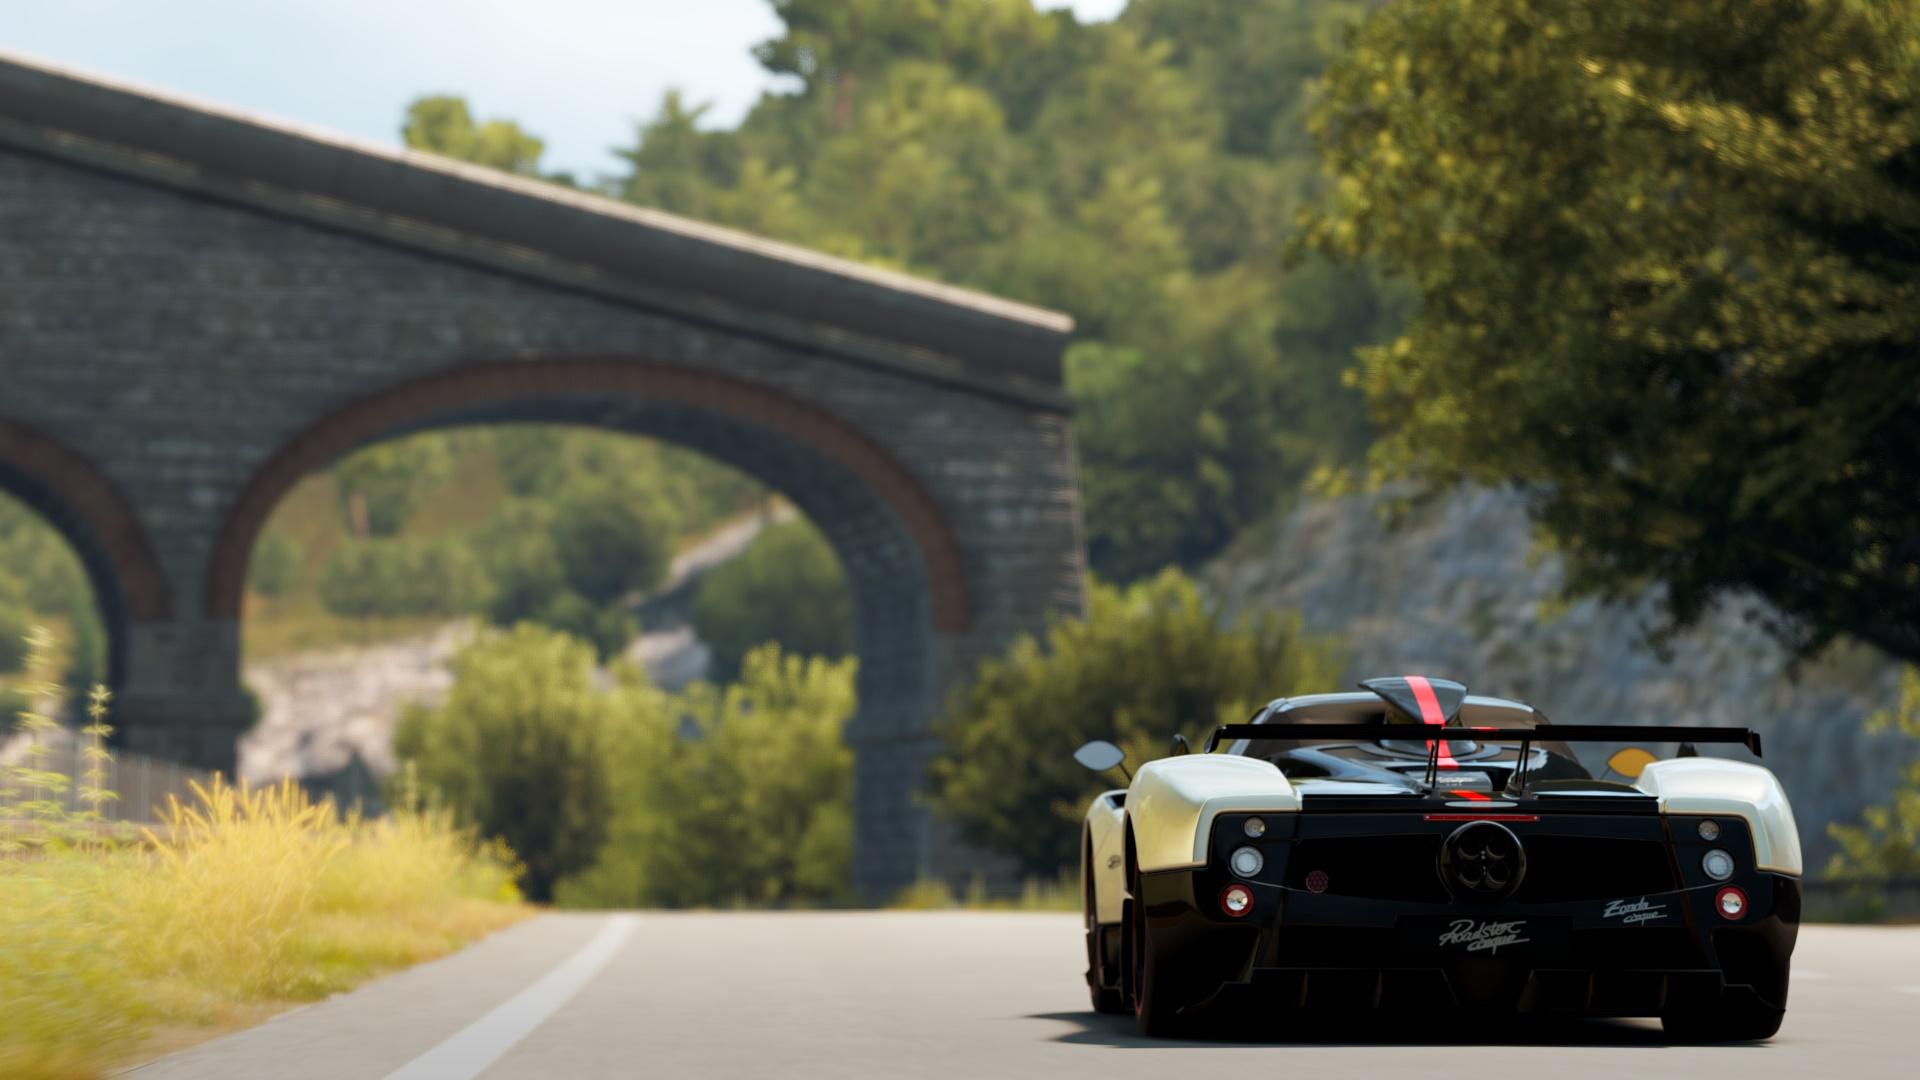 Forza Horizon 2 Wallpaper 1080p Pagani Zonda Cinque Roadster 1920x1080